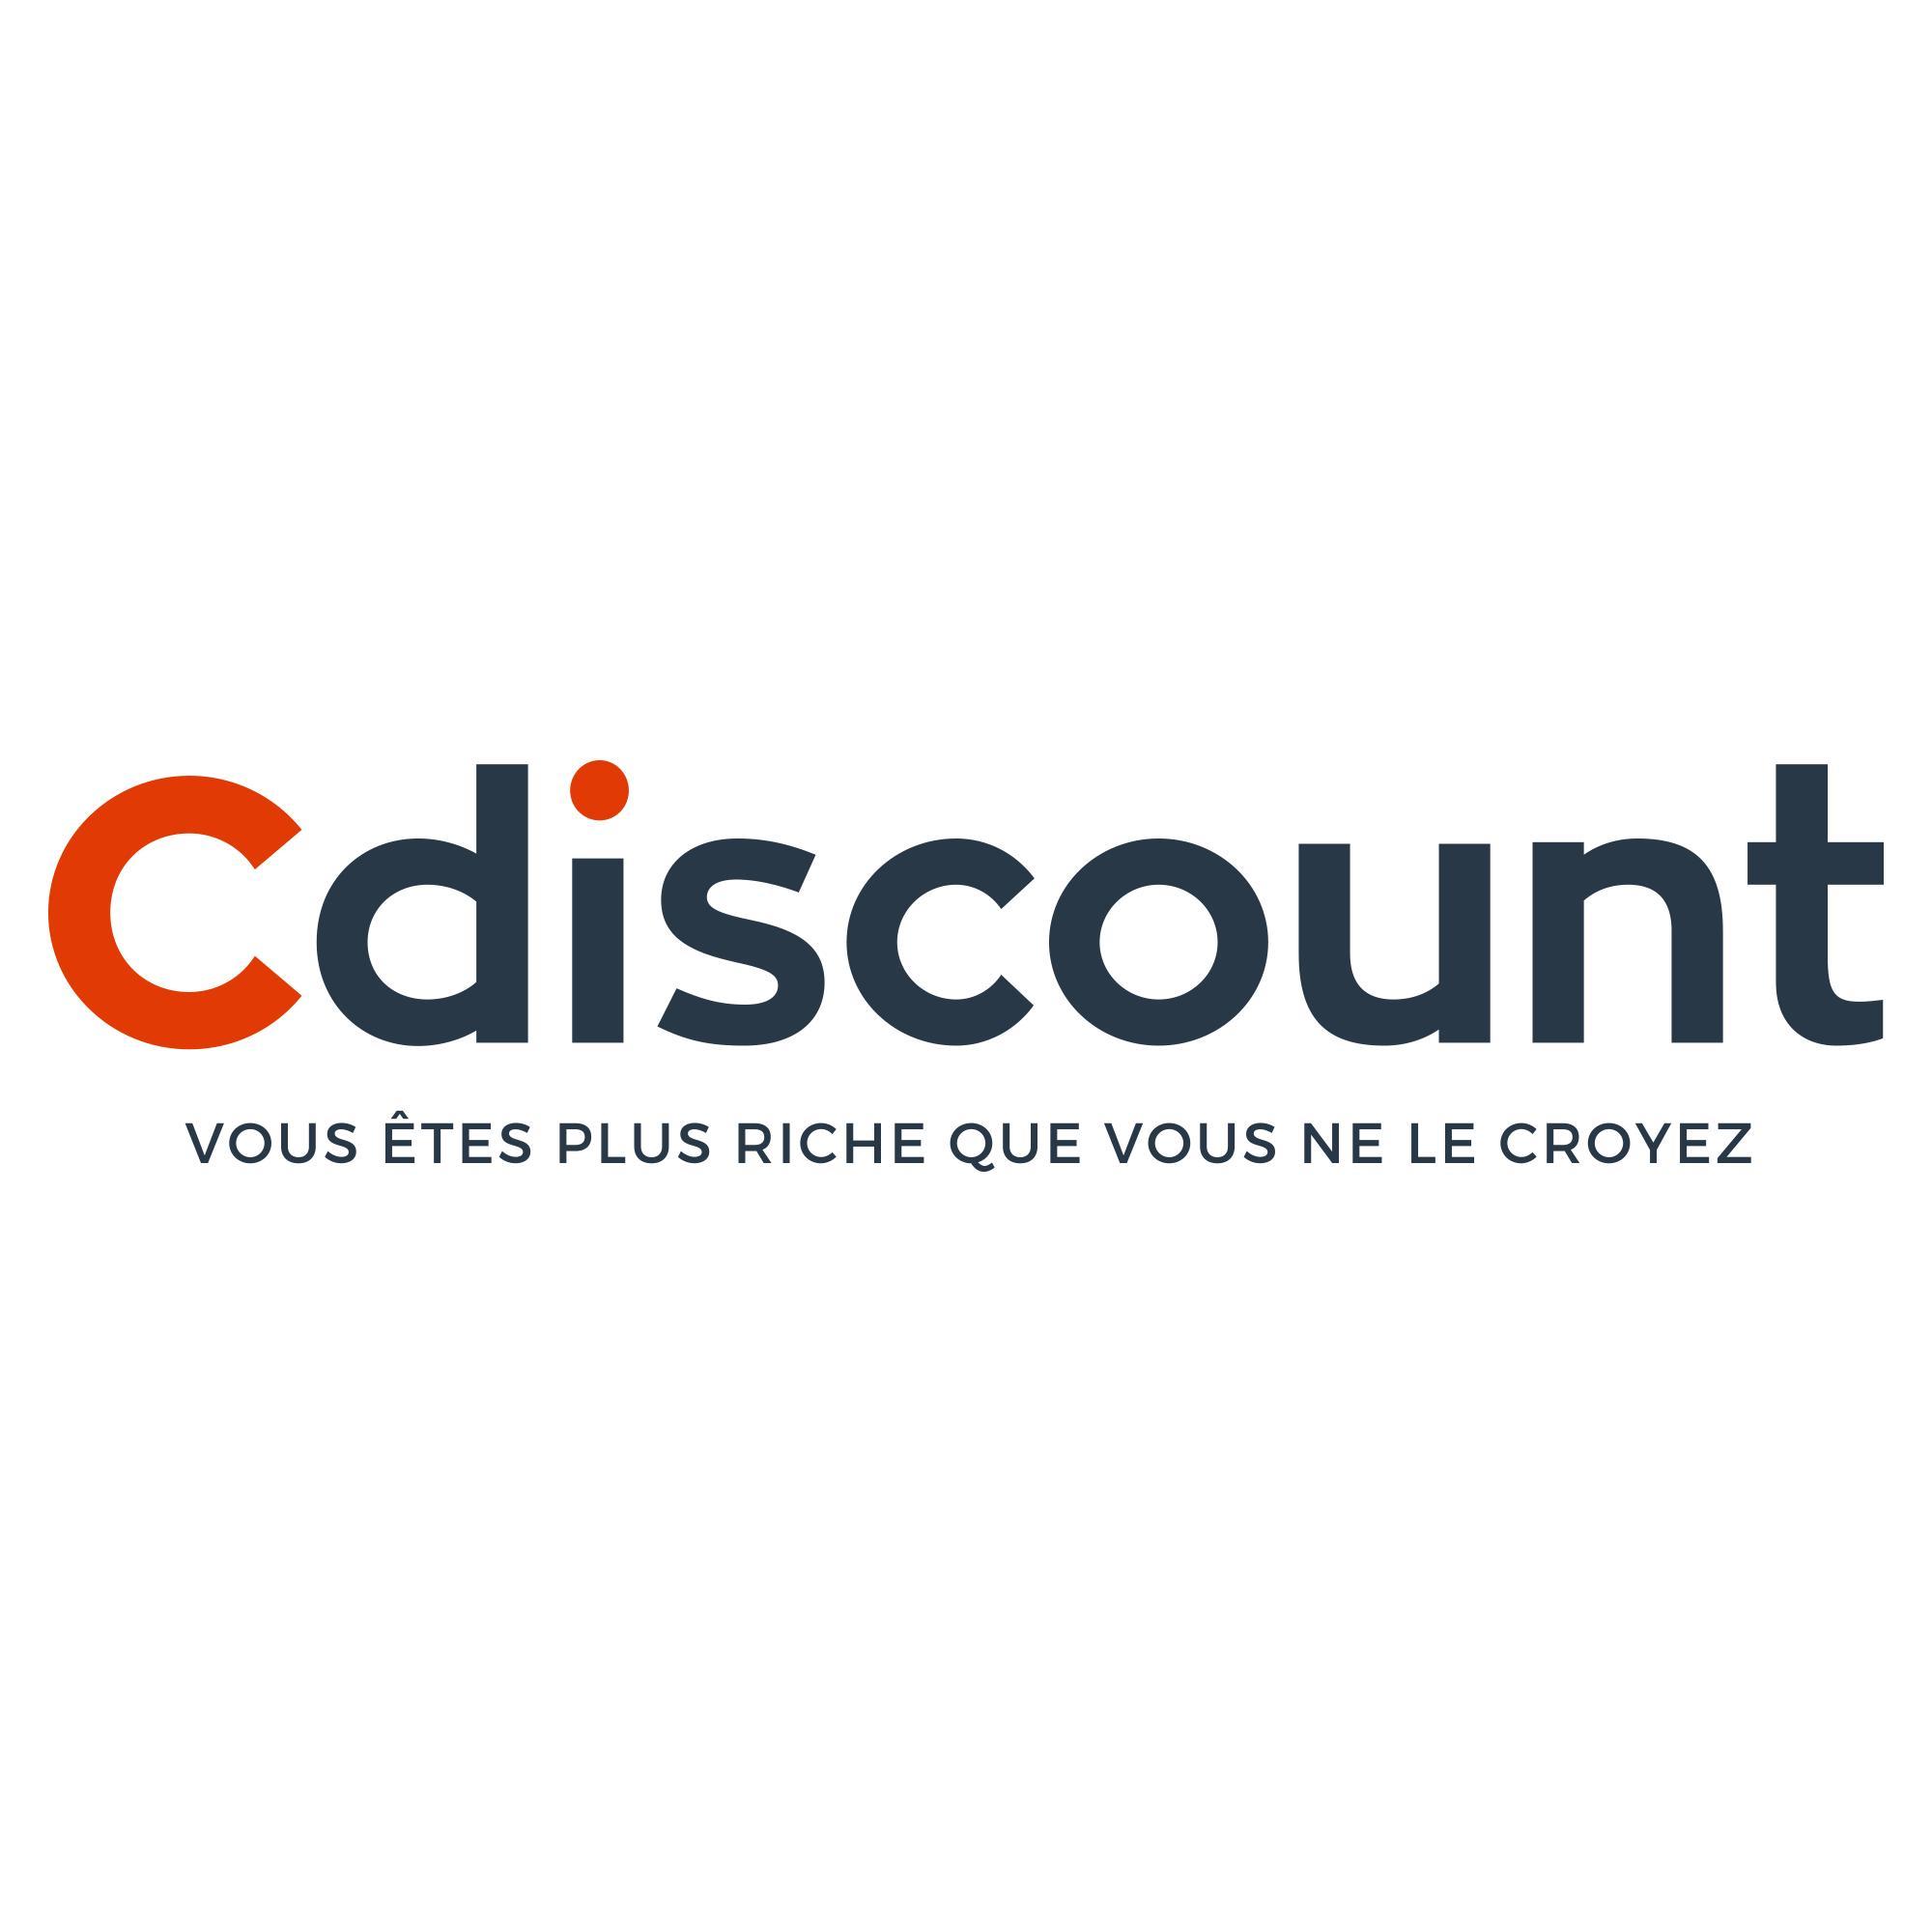 [Cdiscount à Volonté] 50€ de réduction dès 499€ d'achat